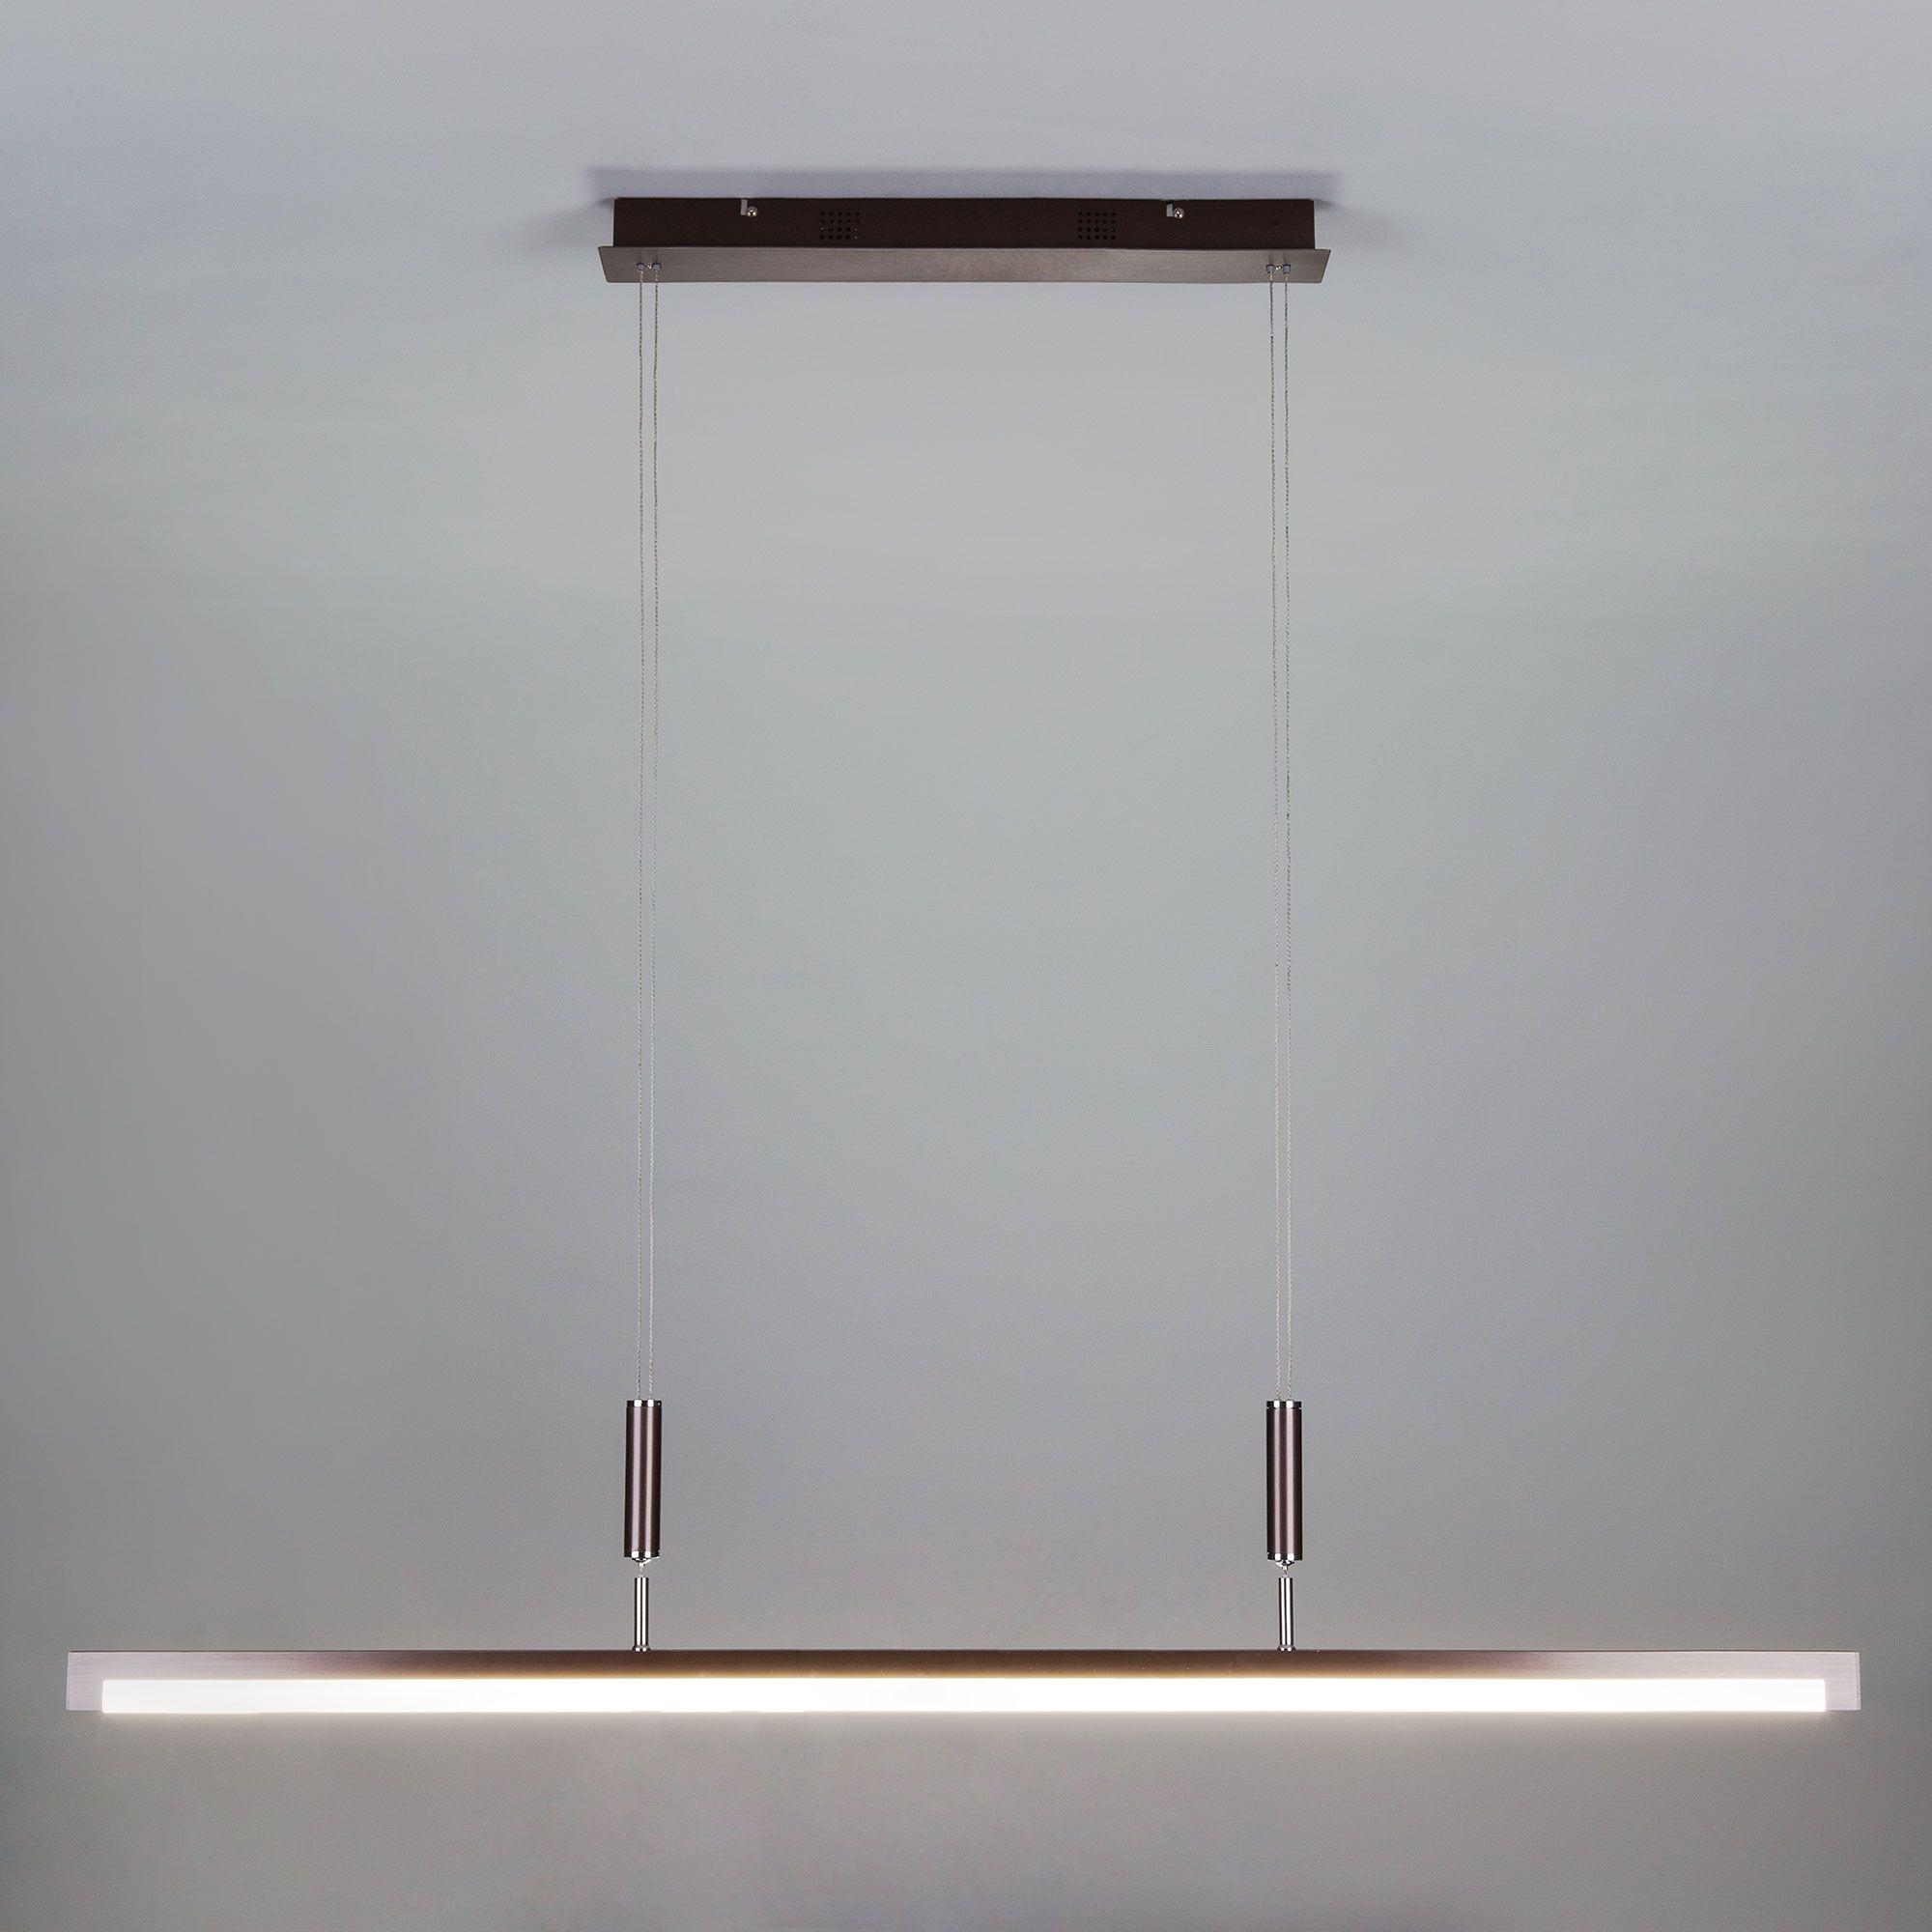 Светодиодный подвесной светильник с лифтом и регулировкой яркости 90030/1 коричневый